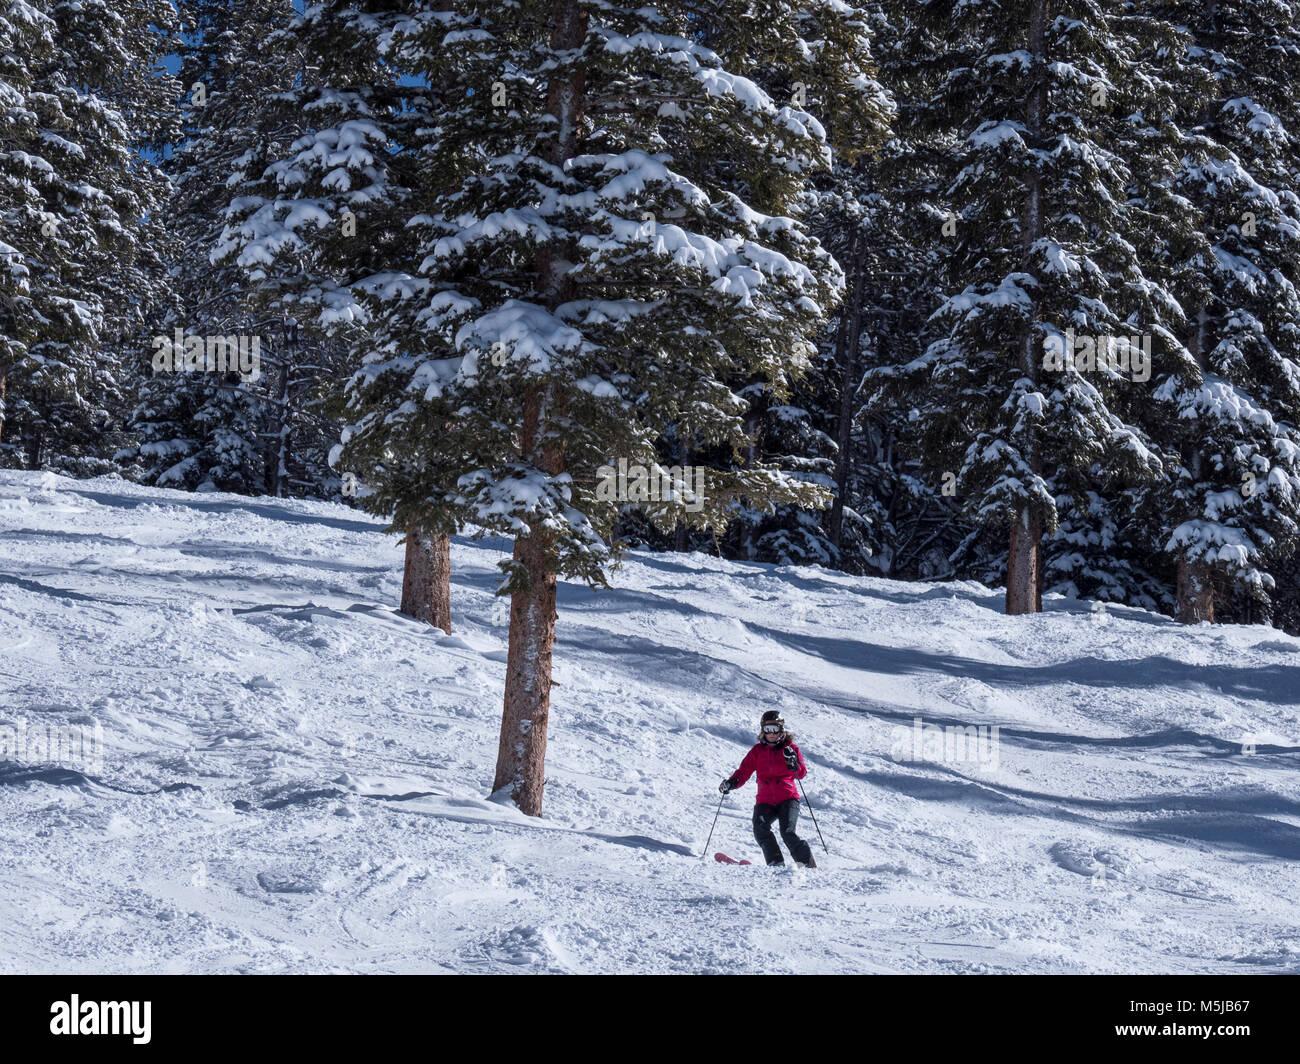 Esquiador esquís Star trail, invierno, Blue Sky Basin, Estación de Esquí de Vail, Vail, Colorado. Imagen De Stock